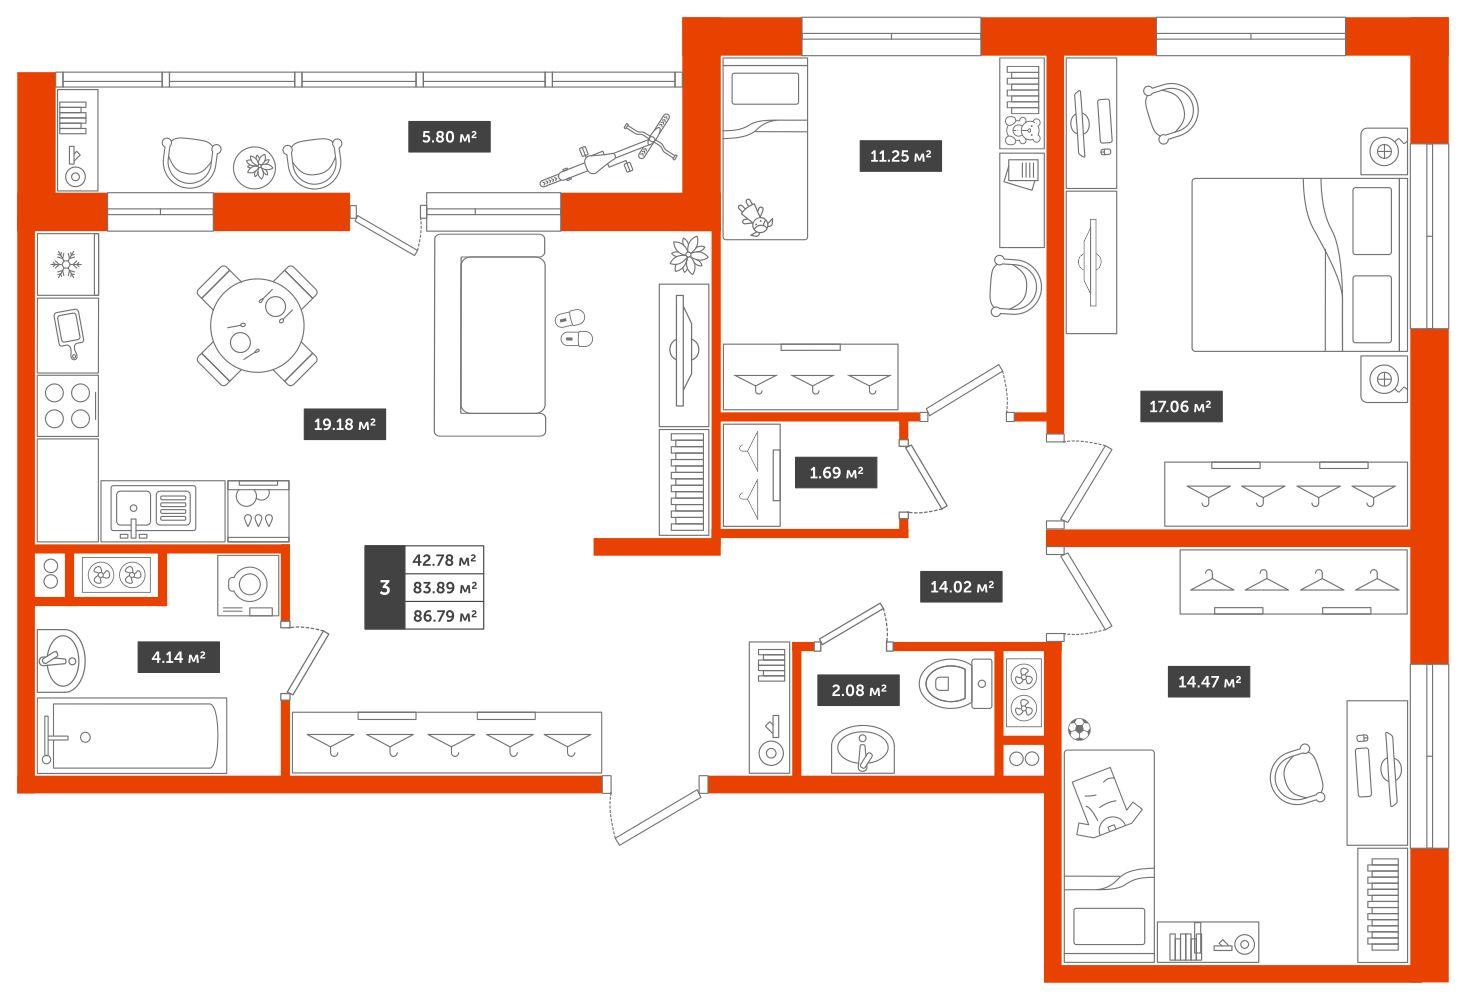 3-комнатная квартира, 86.79м² за 6,9 млн руб.